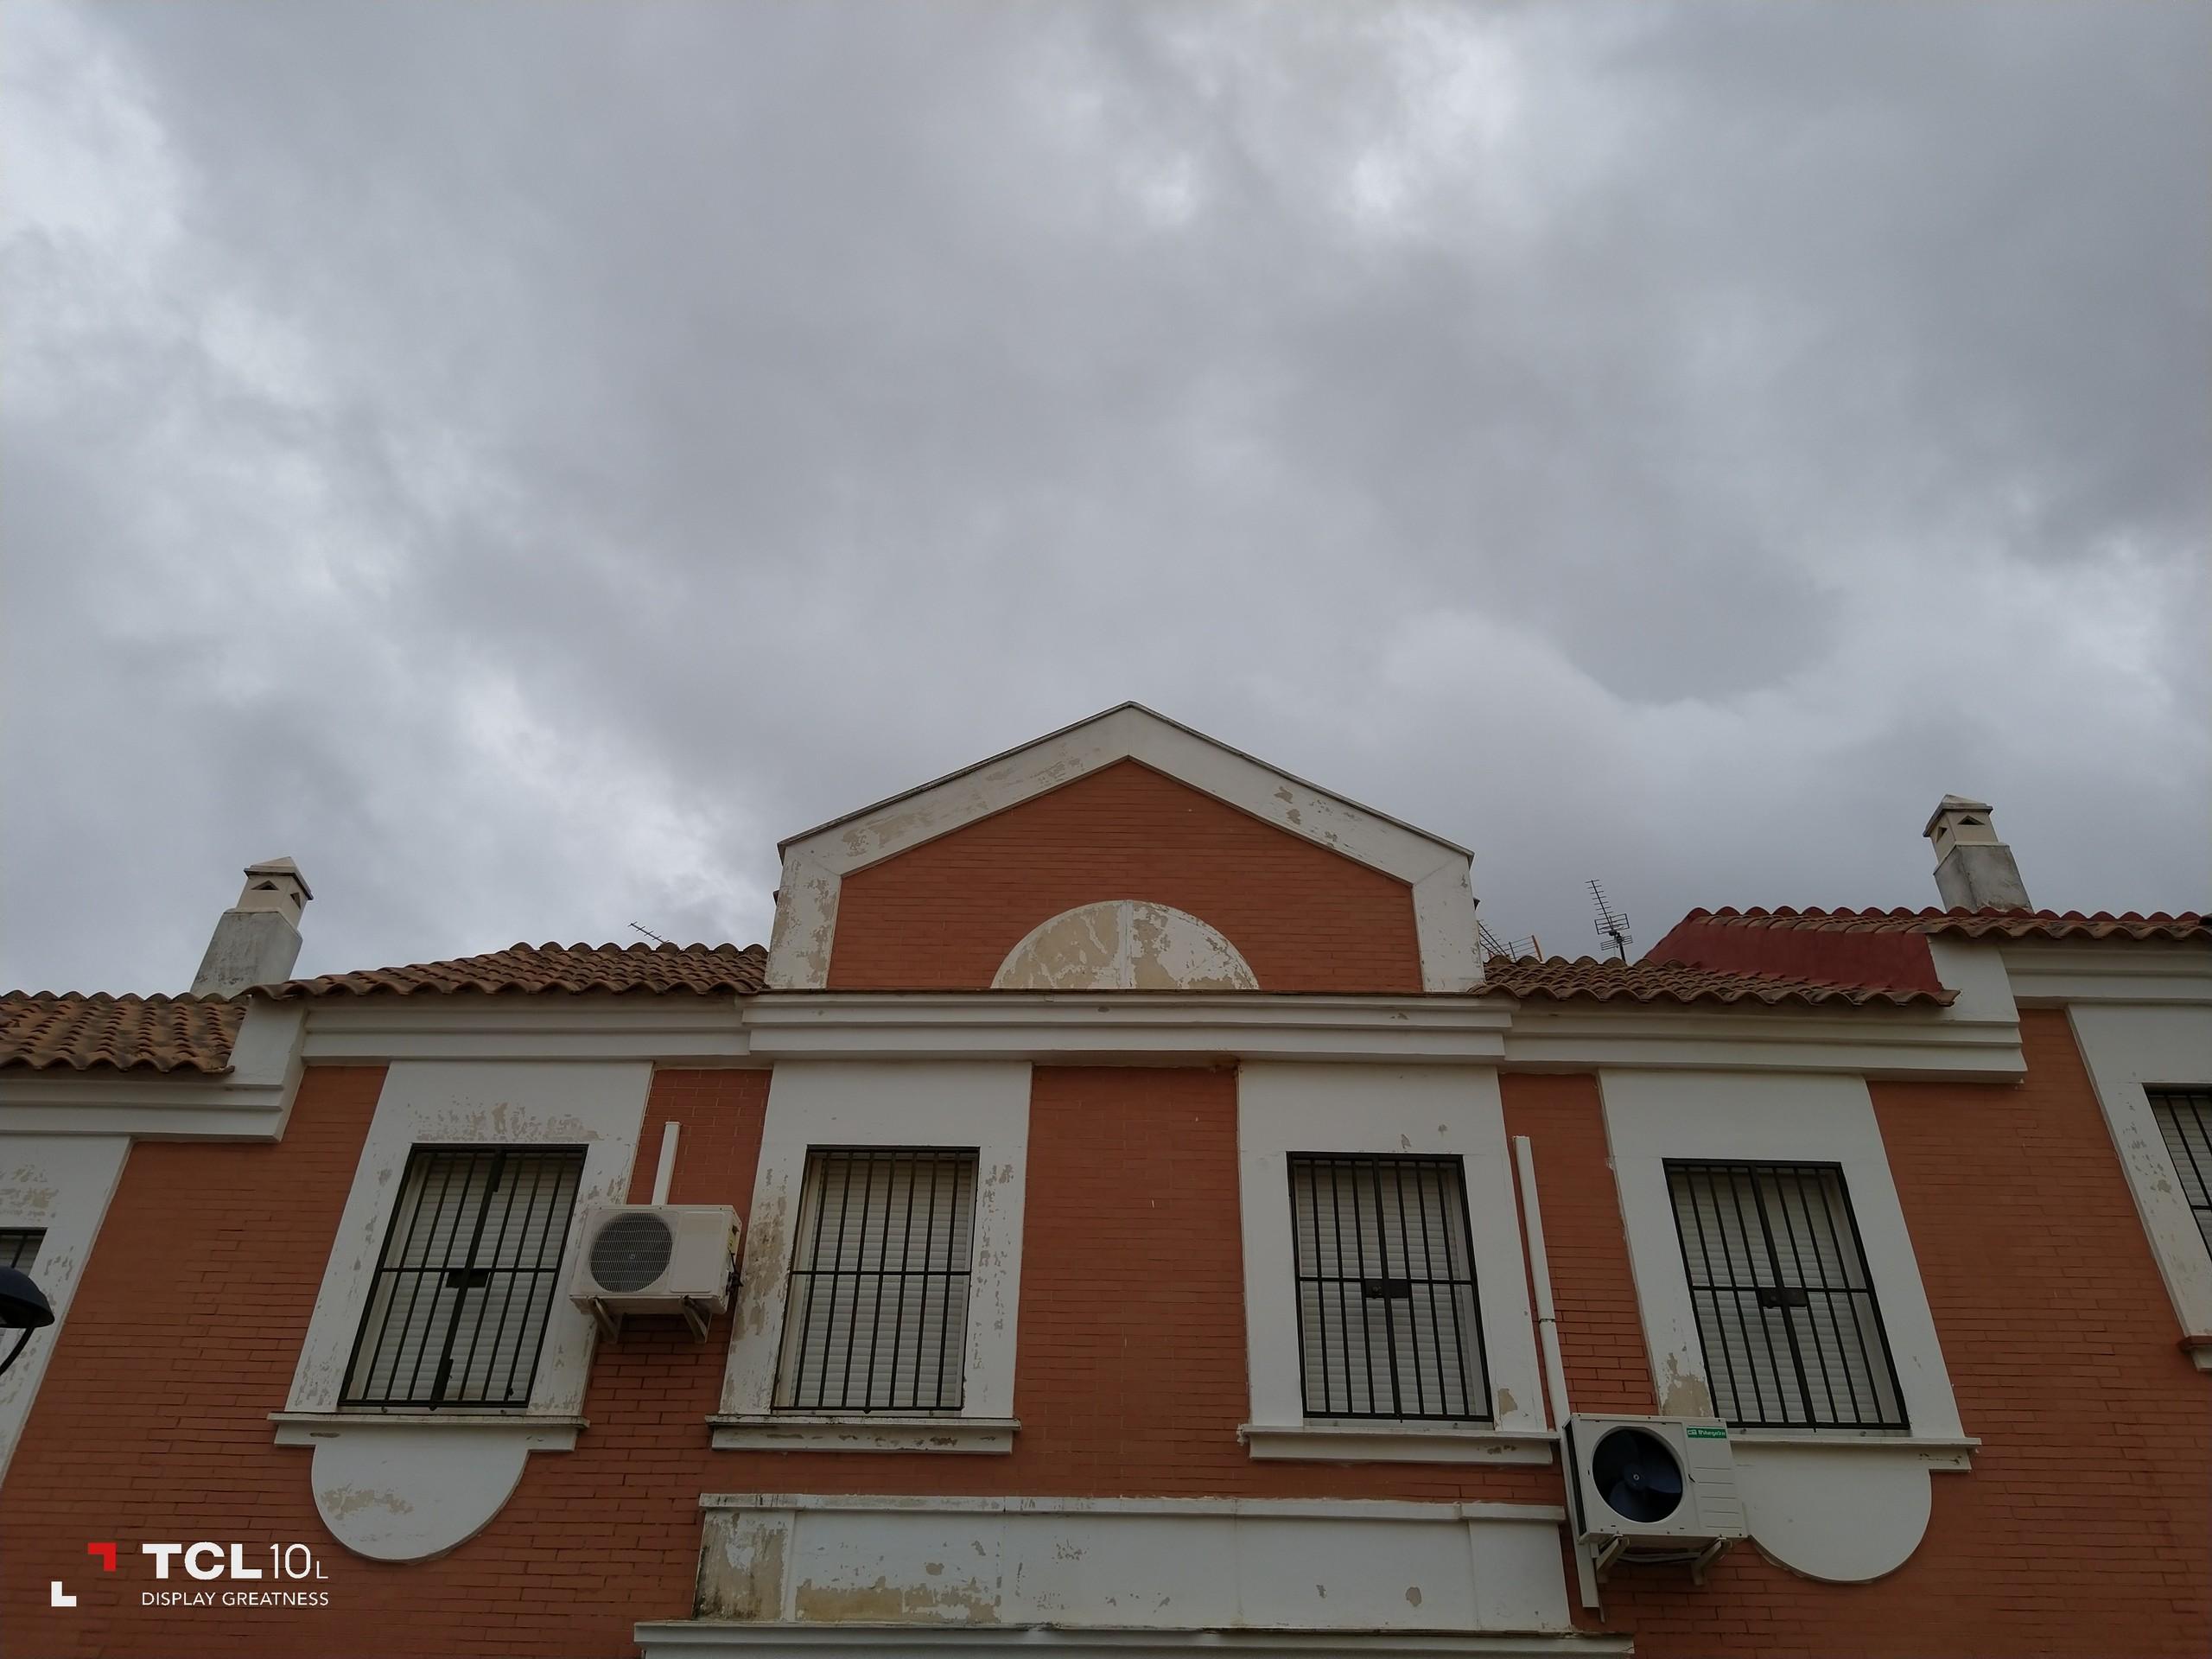 Foto de Más fotografías con el TCL 10L (12/20)